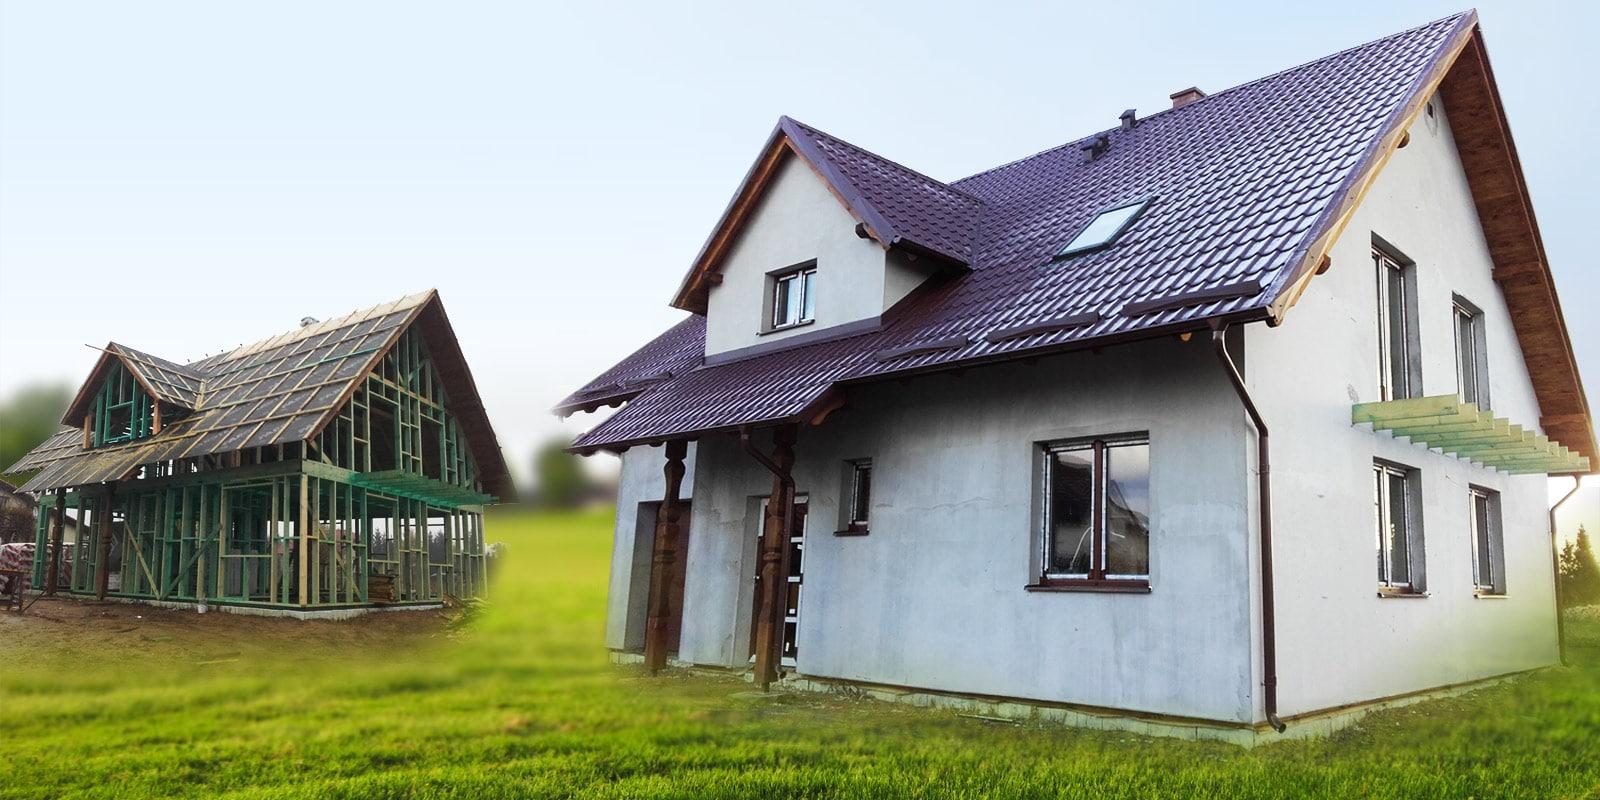 Dom szkieletowy - budowa